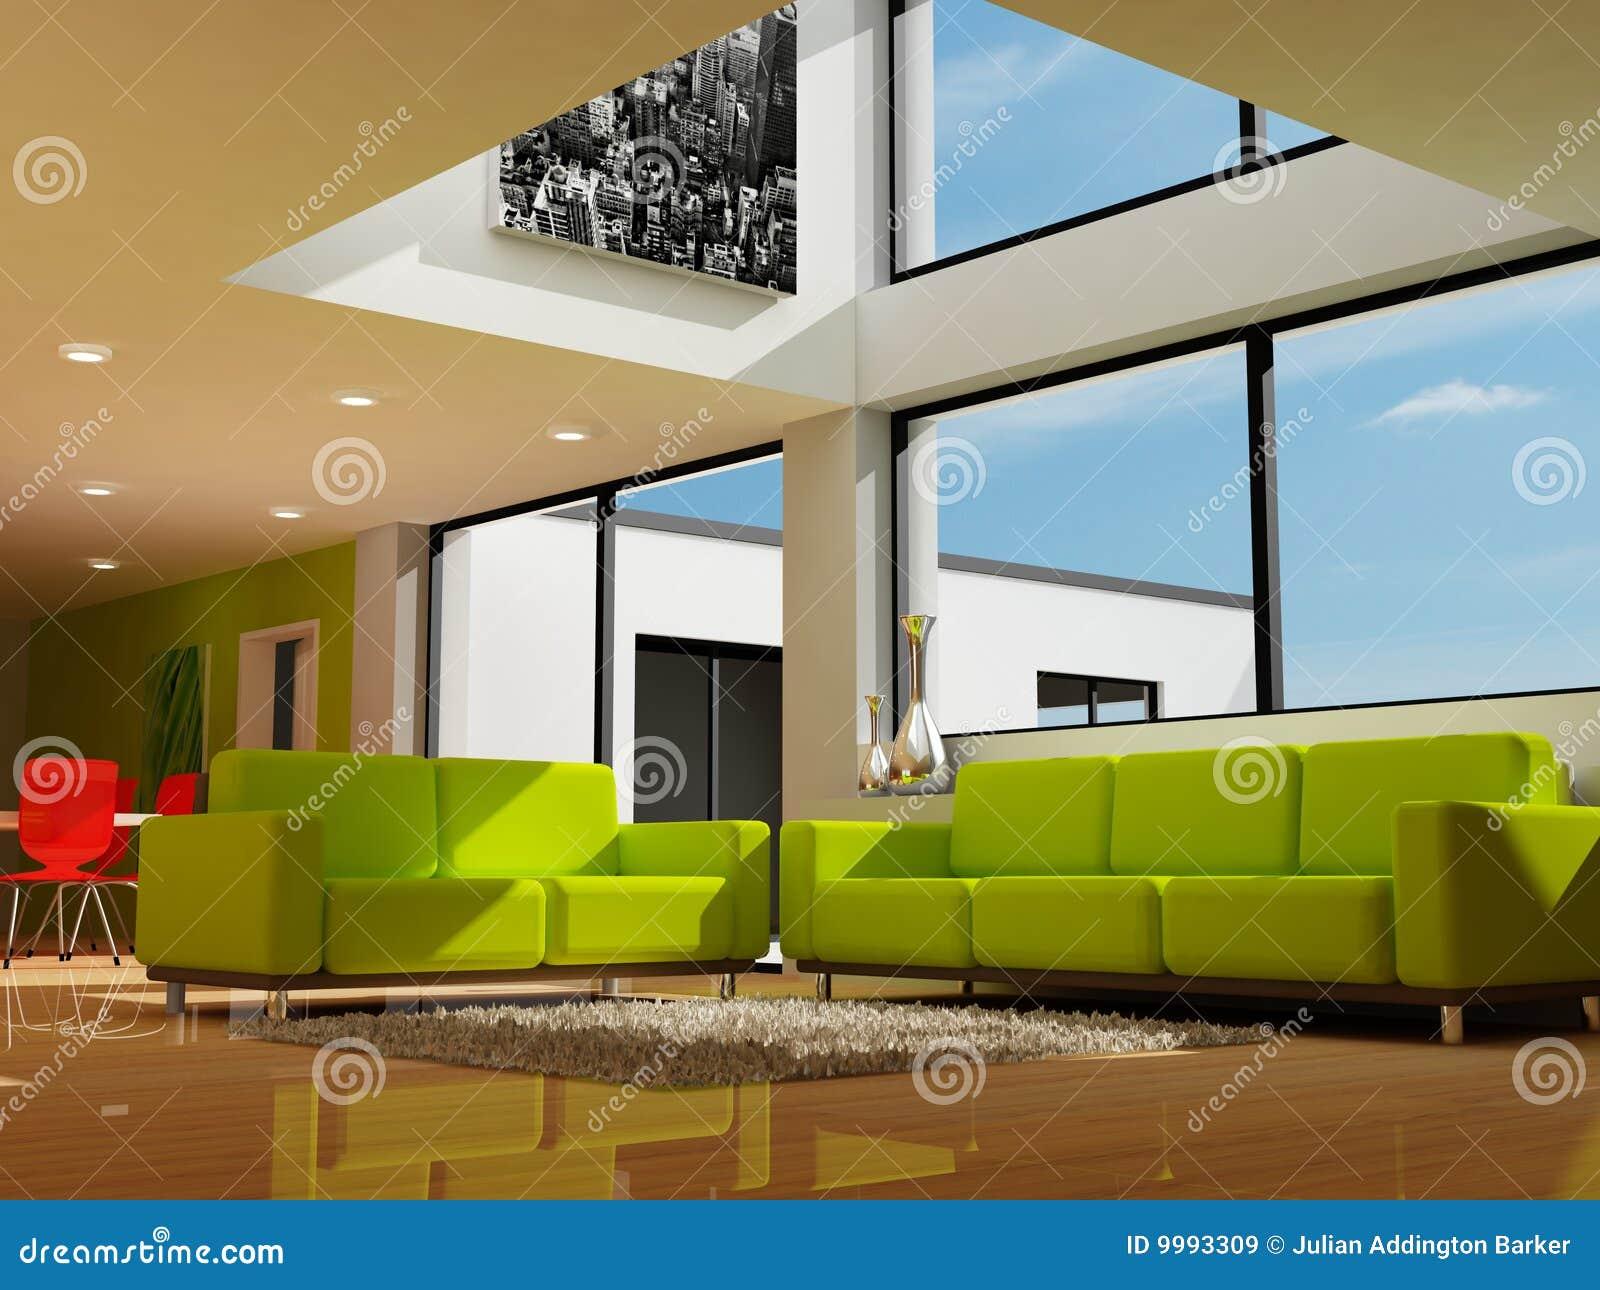 #AEBF0C Une Salle De Séjour Moderne Images Libres De Droits  3941 salle de sejour moderne 1300x1065 px @ aertt.com